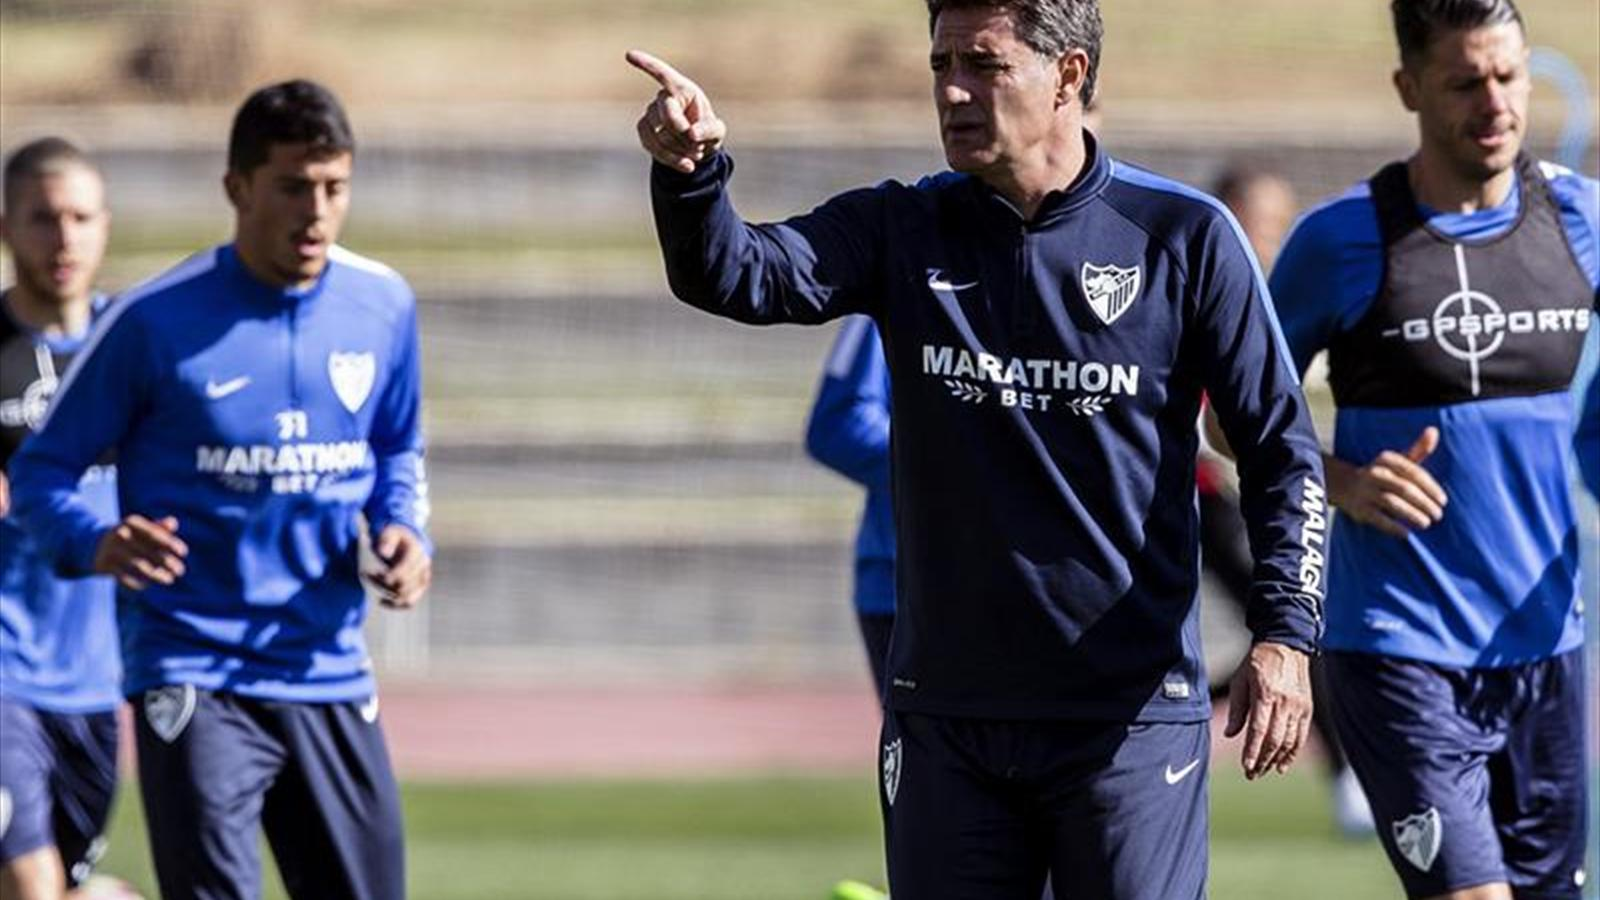 Málaga cambia Benhavís por Estepona debido al mal estado del ... - Eurosport